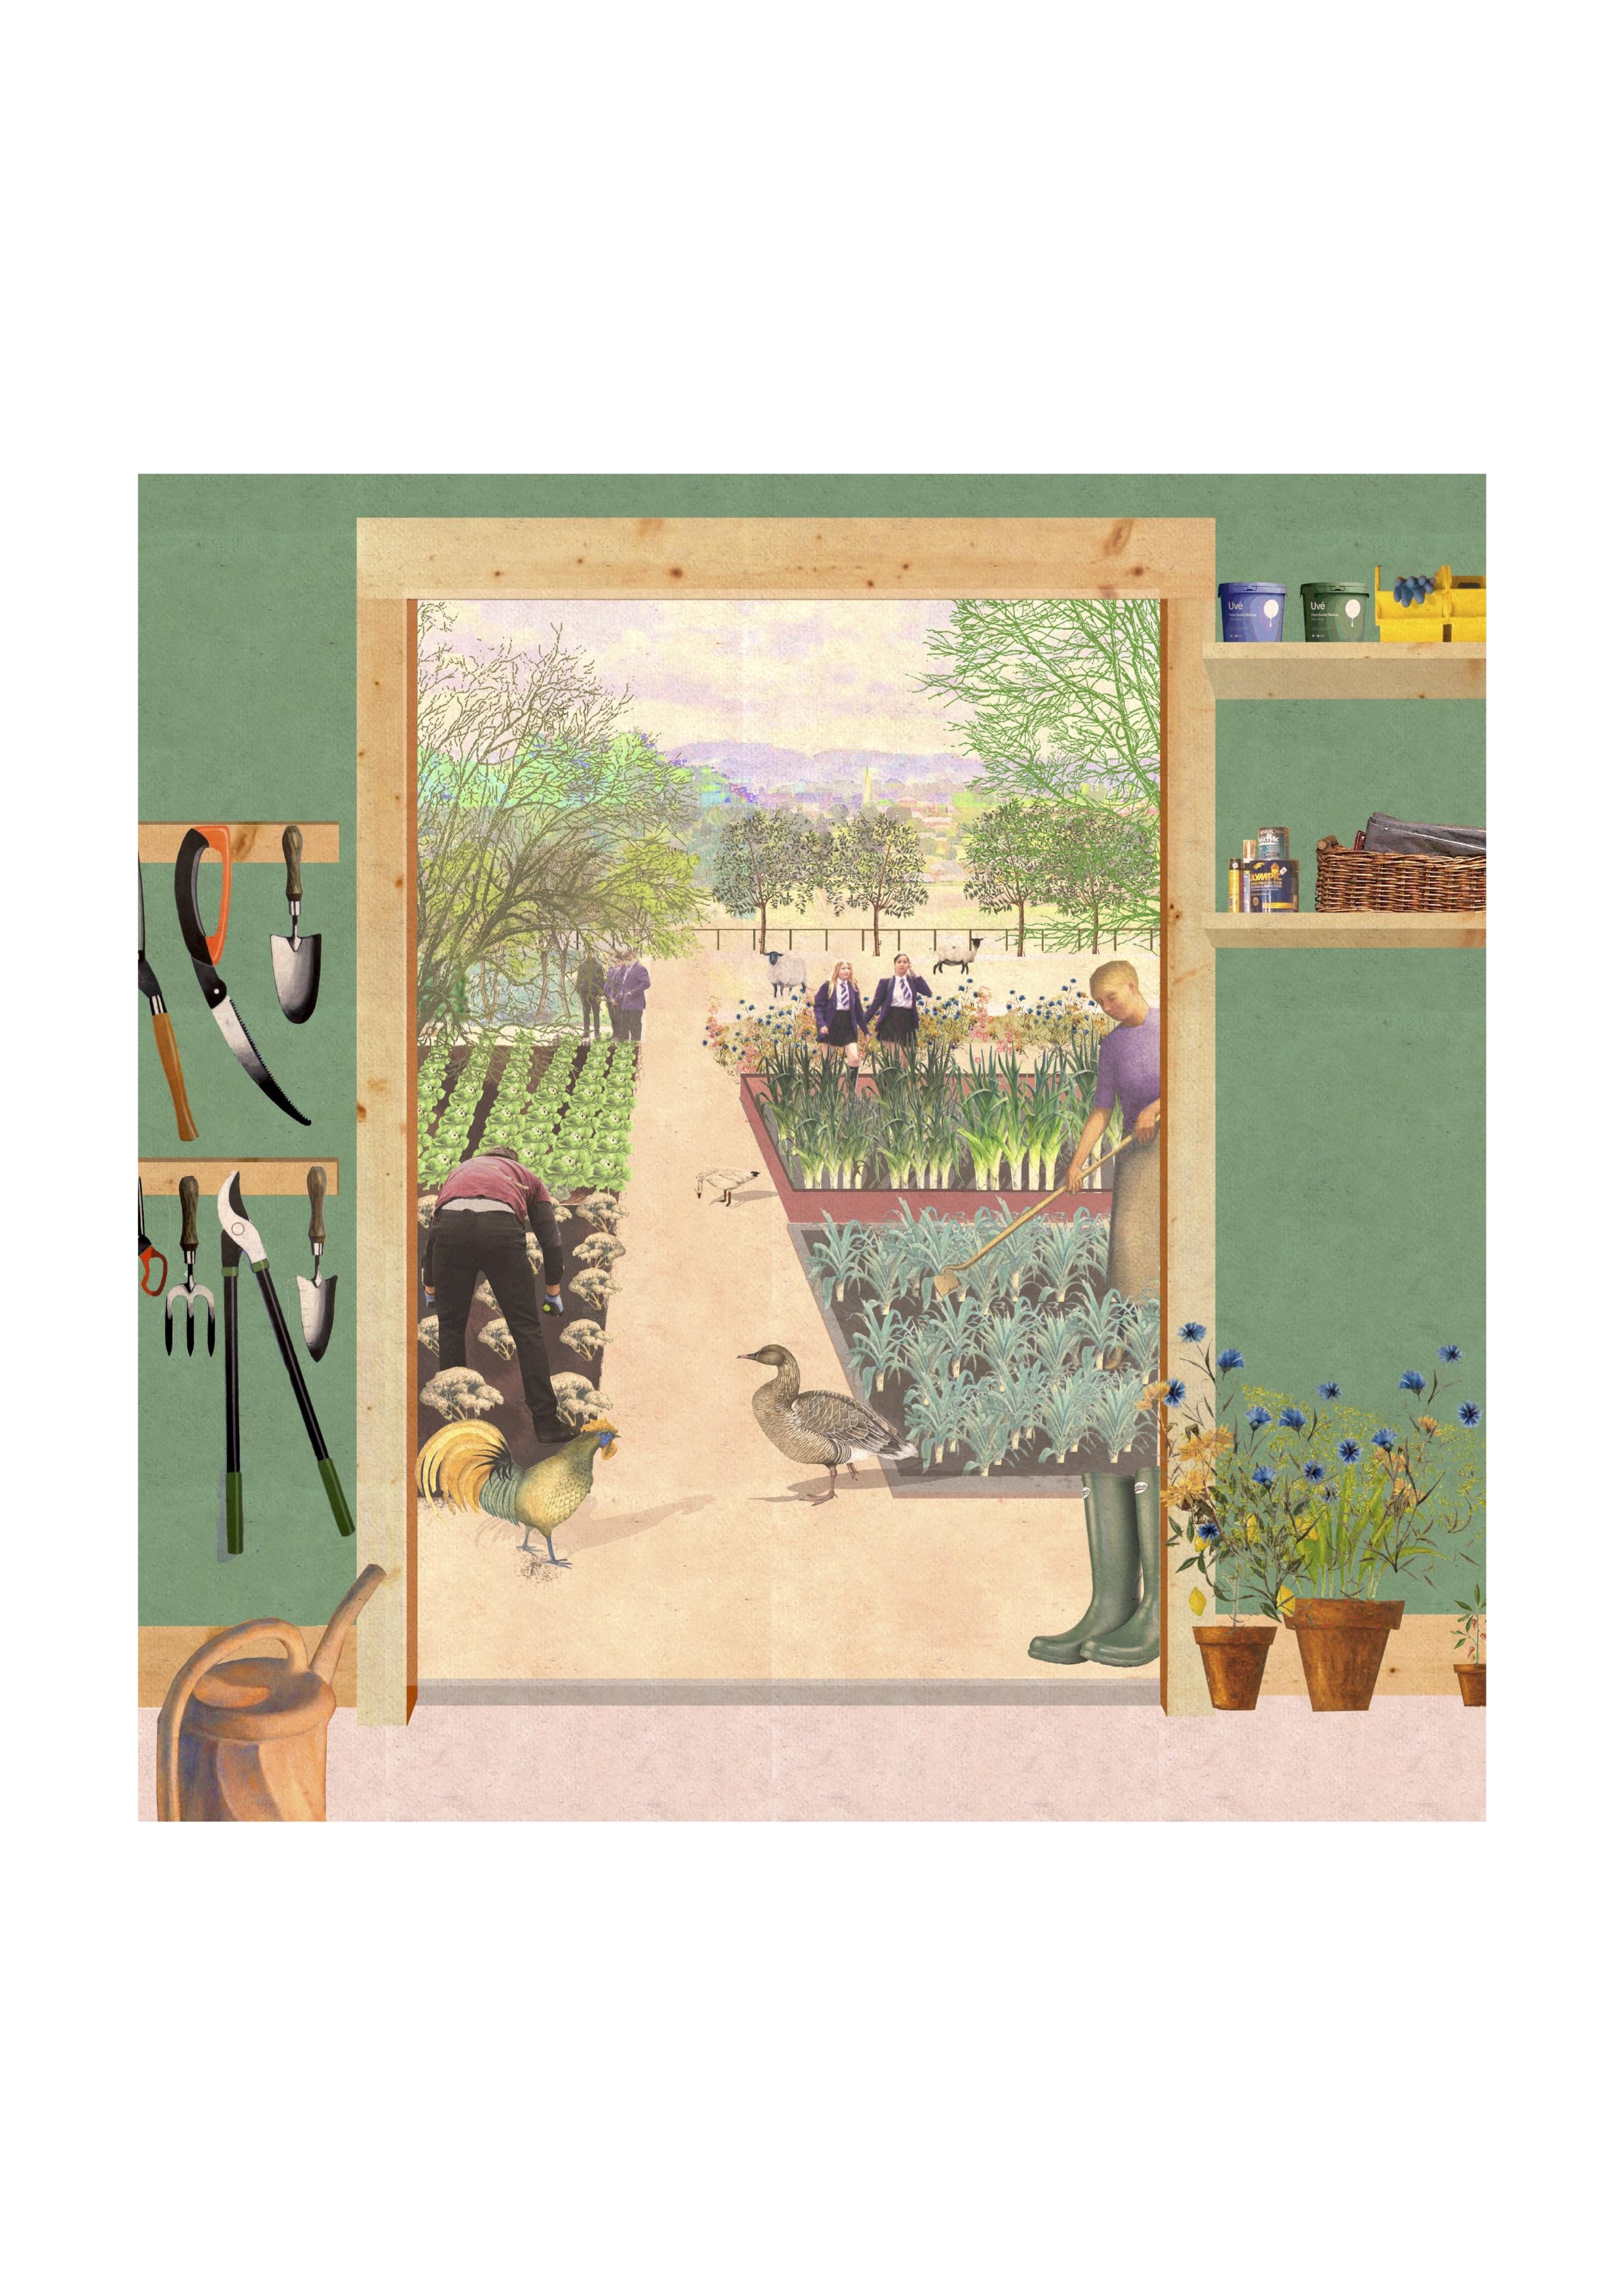 1003_Totteridge Farm Image 1.jpg